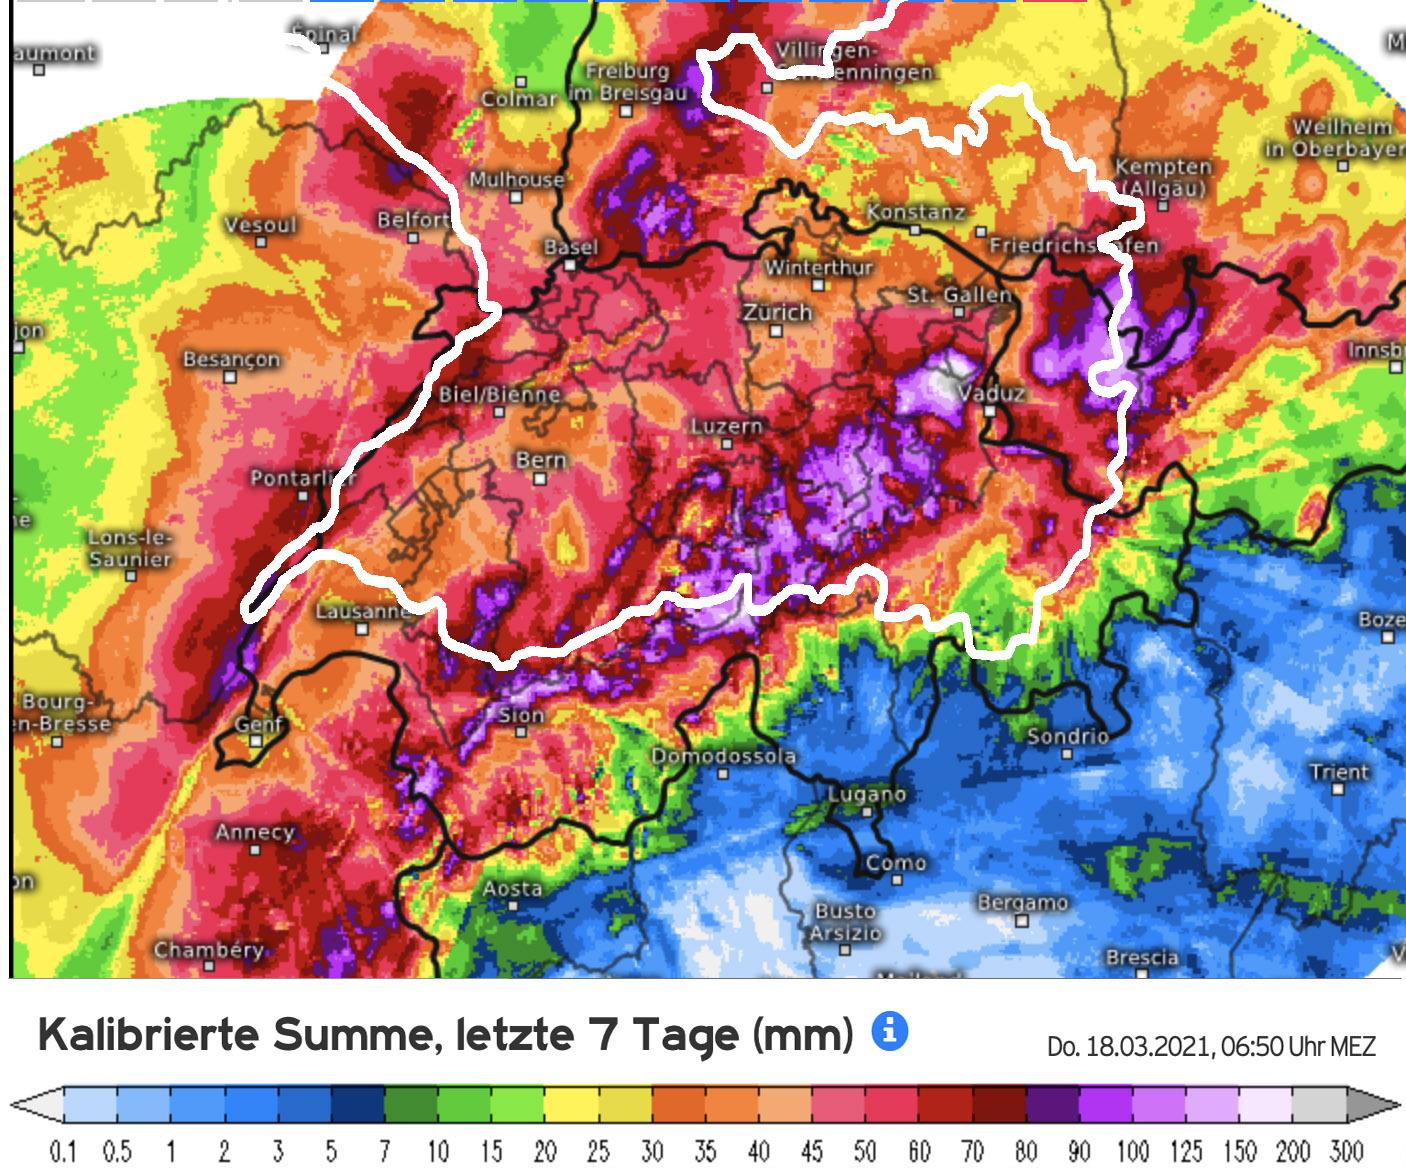 Neerslaghoeveelheden Zwitserland van 11 tm 18 maart; 1 mm staat ongeveer gelijk aan 1 cm sneeuw. (bron: Kachelmannwetter.com)